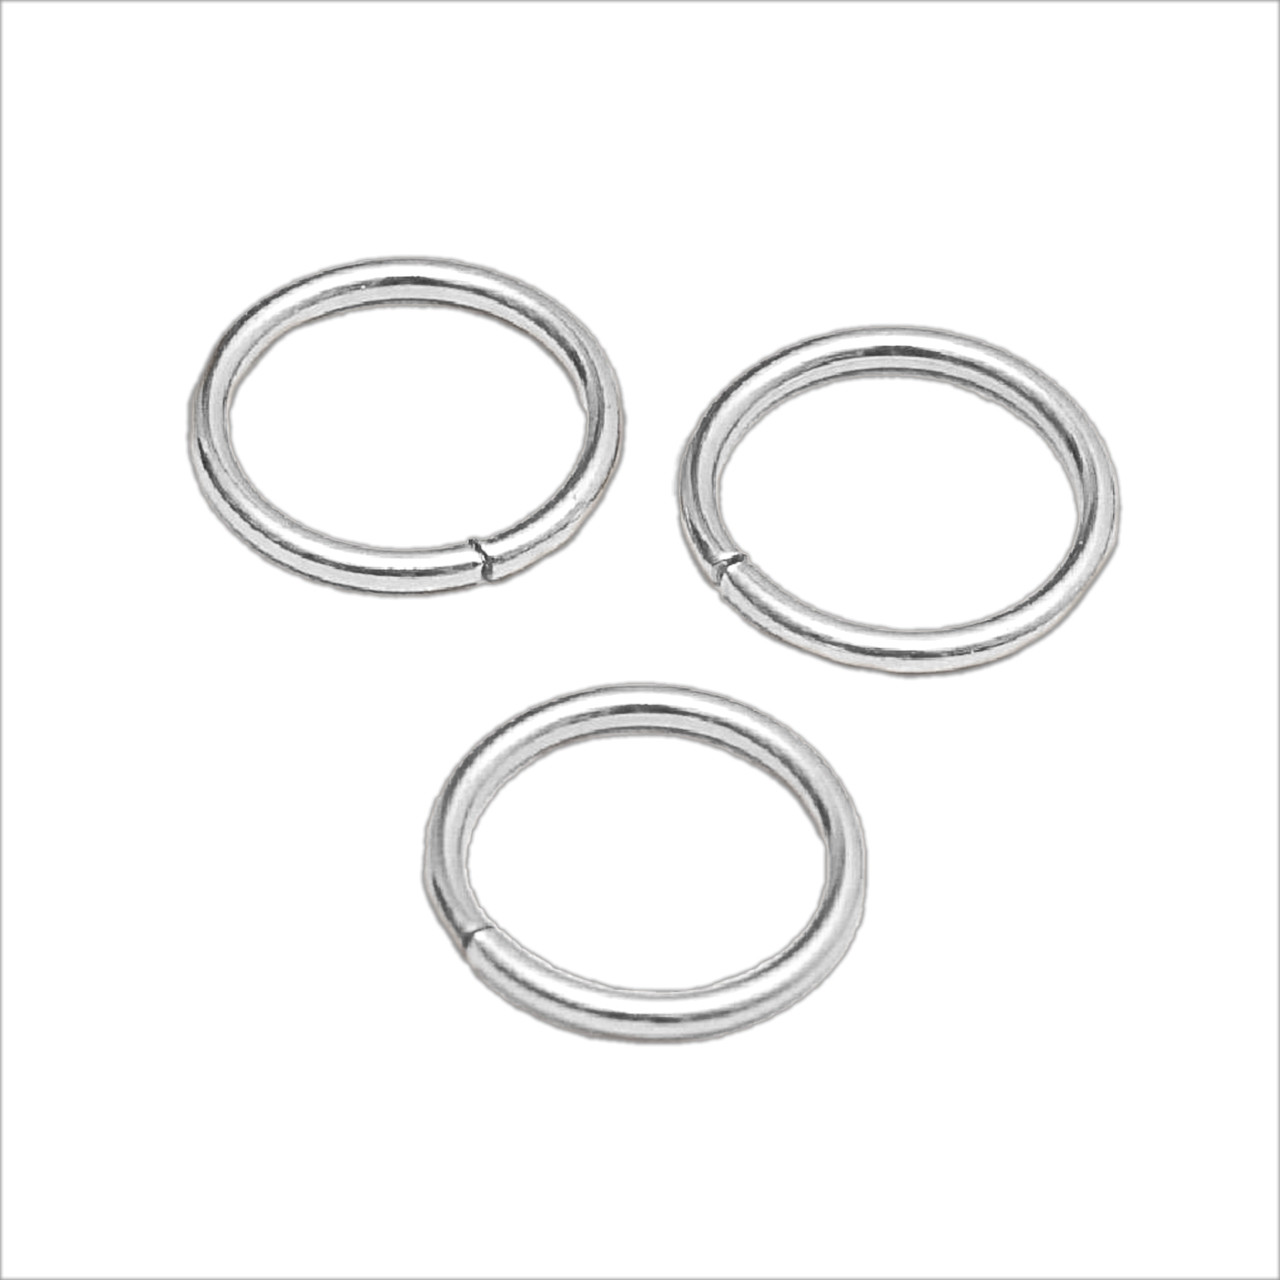 Кольцо соединительное серебро, диаметр 13 мм